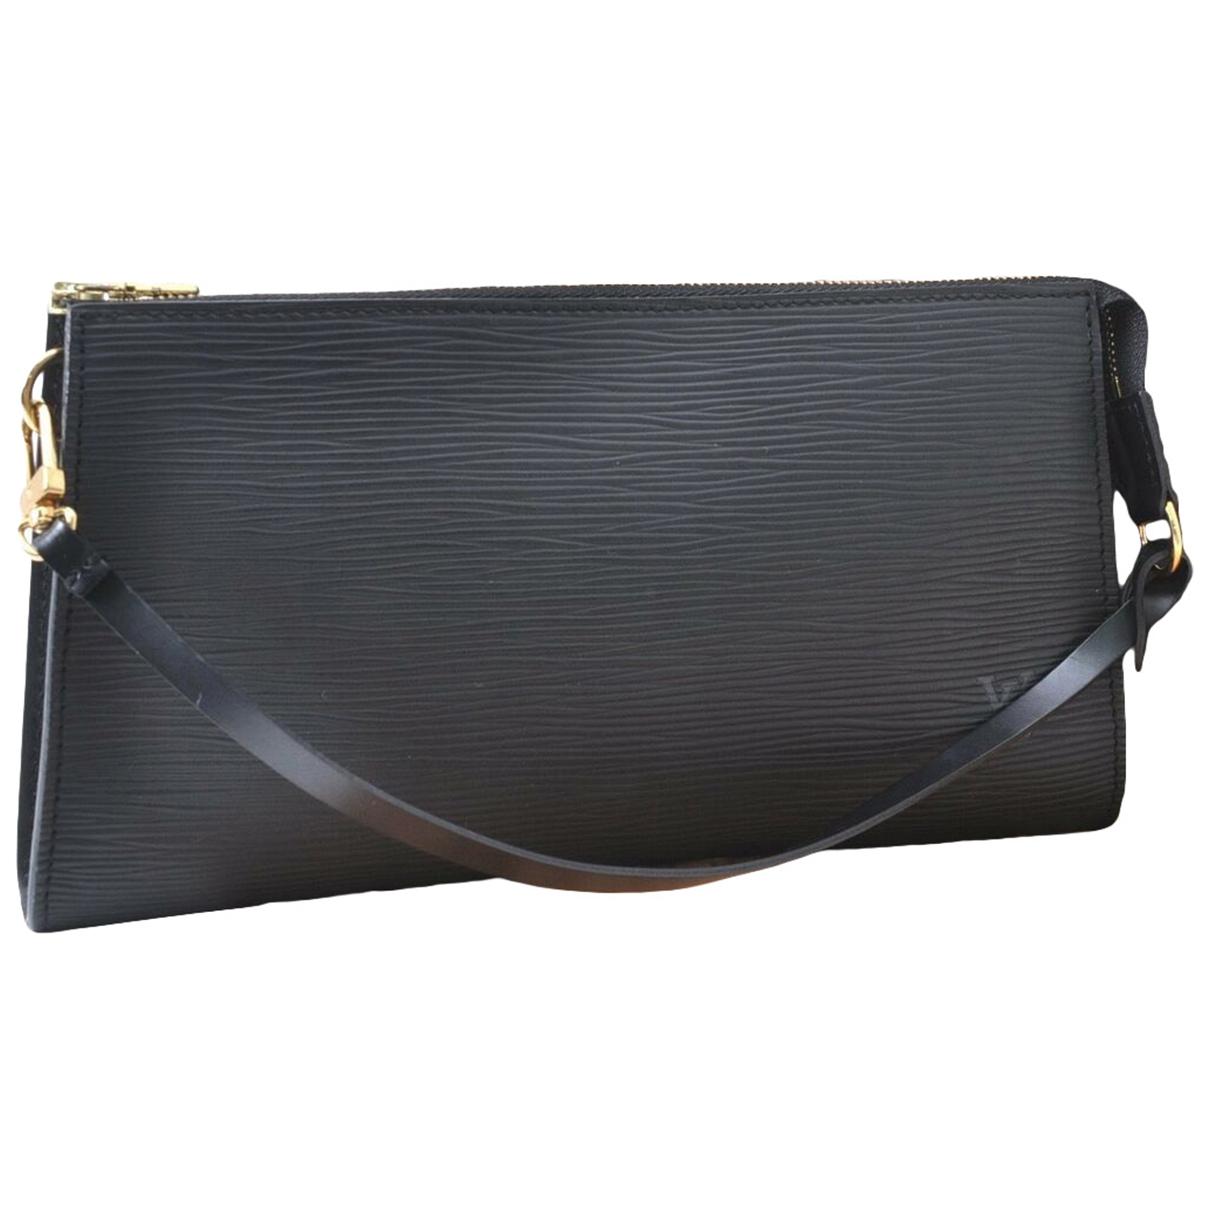 Louis Vuitton - Pochette Pochette Accessoire pour femme en cuir - noir